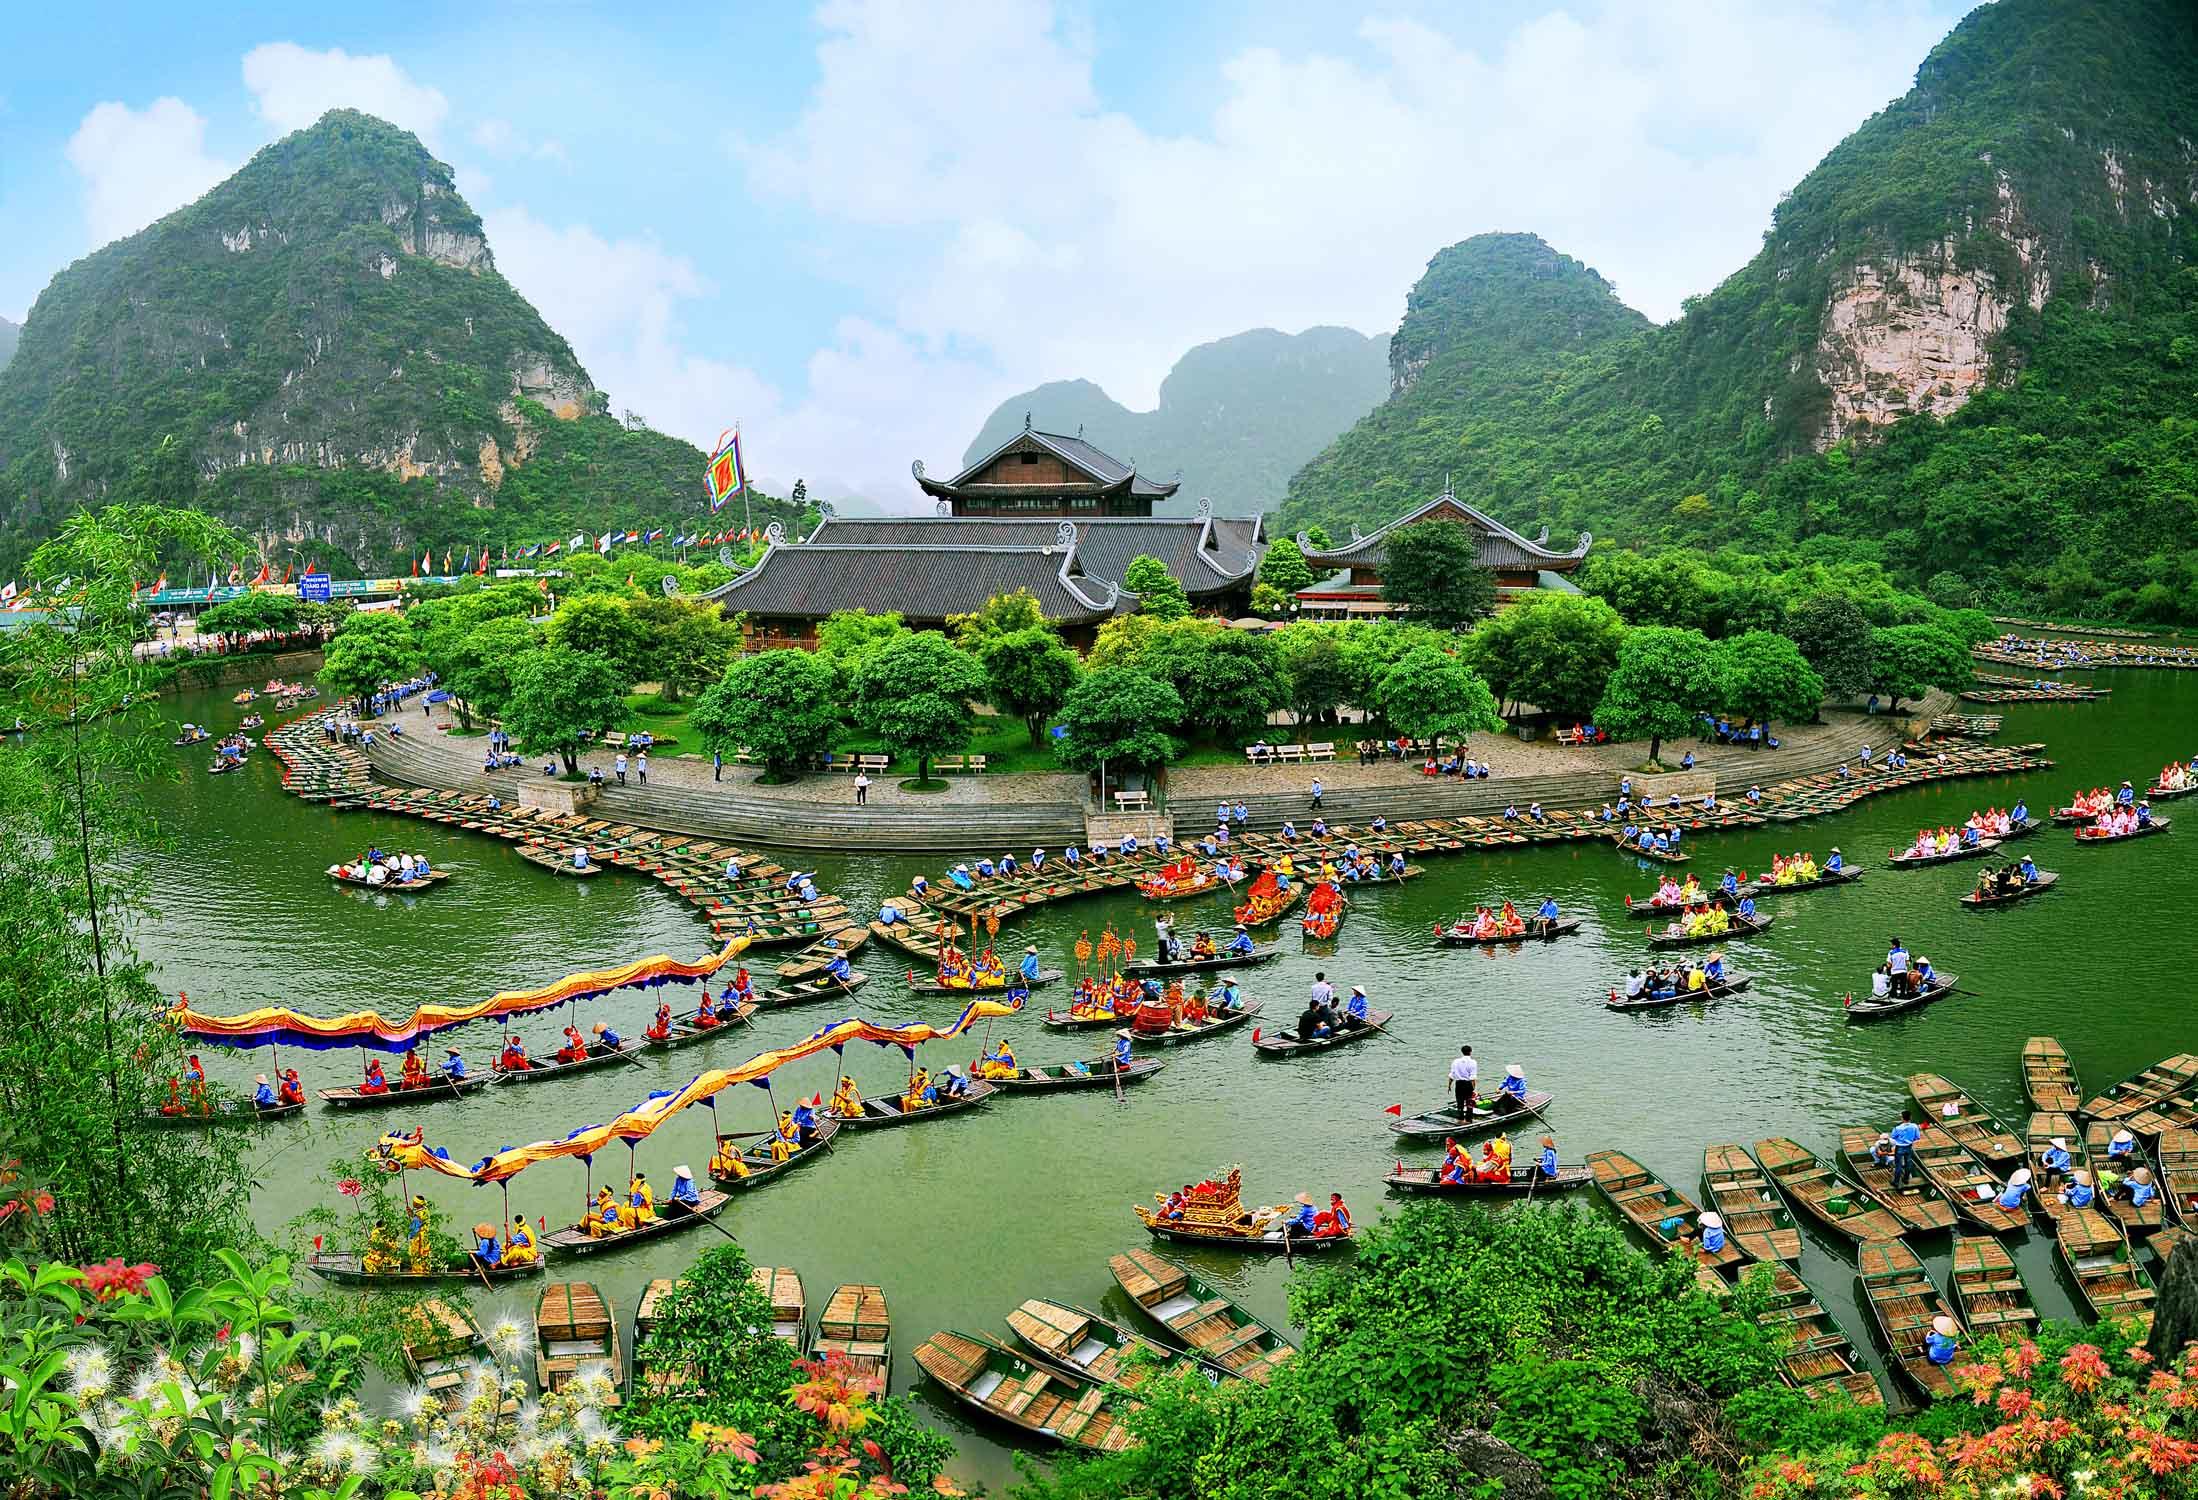 Kinh nghiệm du lịch Bái Đính Tràng An Ninh Bình cho người mới nè.